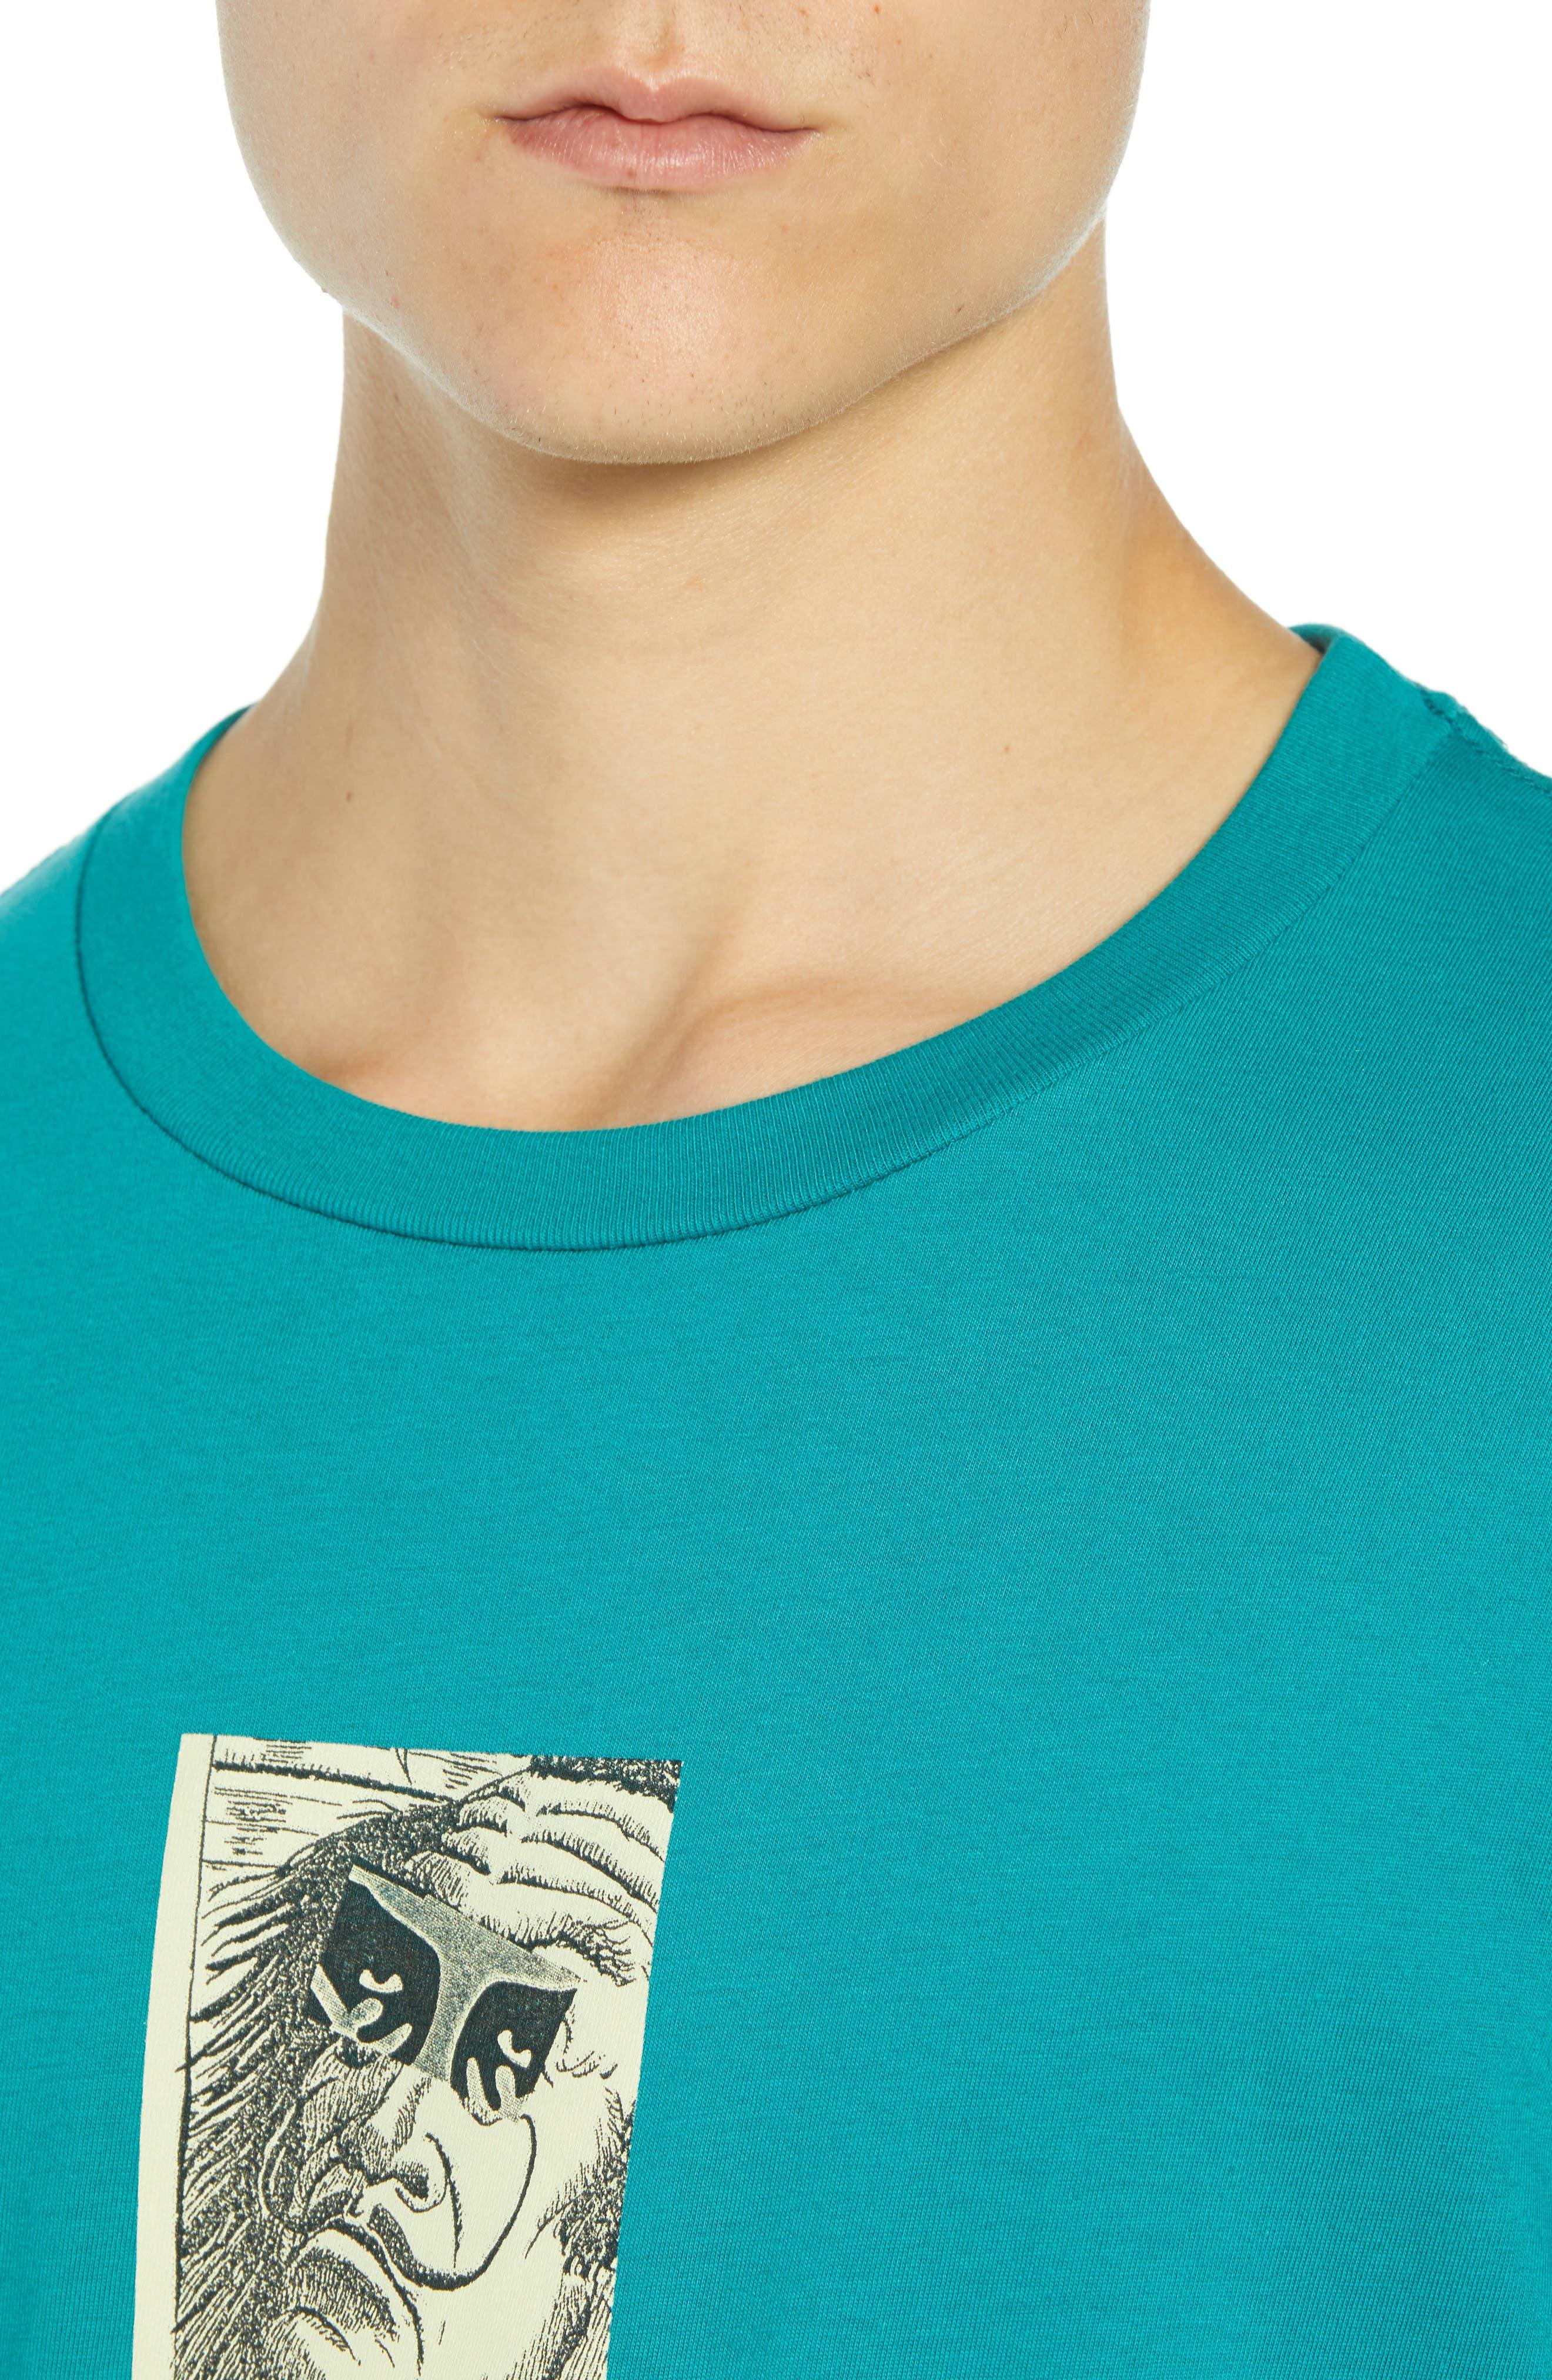 Metamorphosis Premium T-Shirt,                             Alternate thumbnail 4, color,                             TEAL